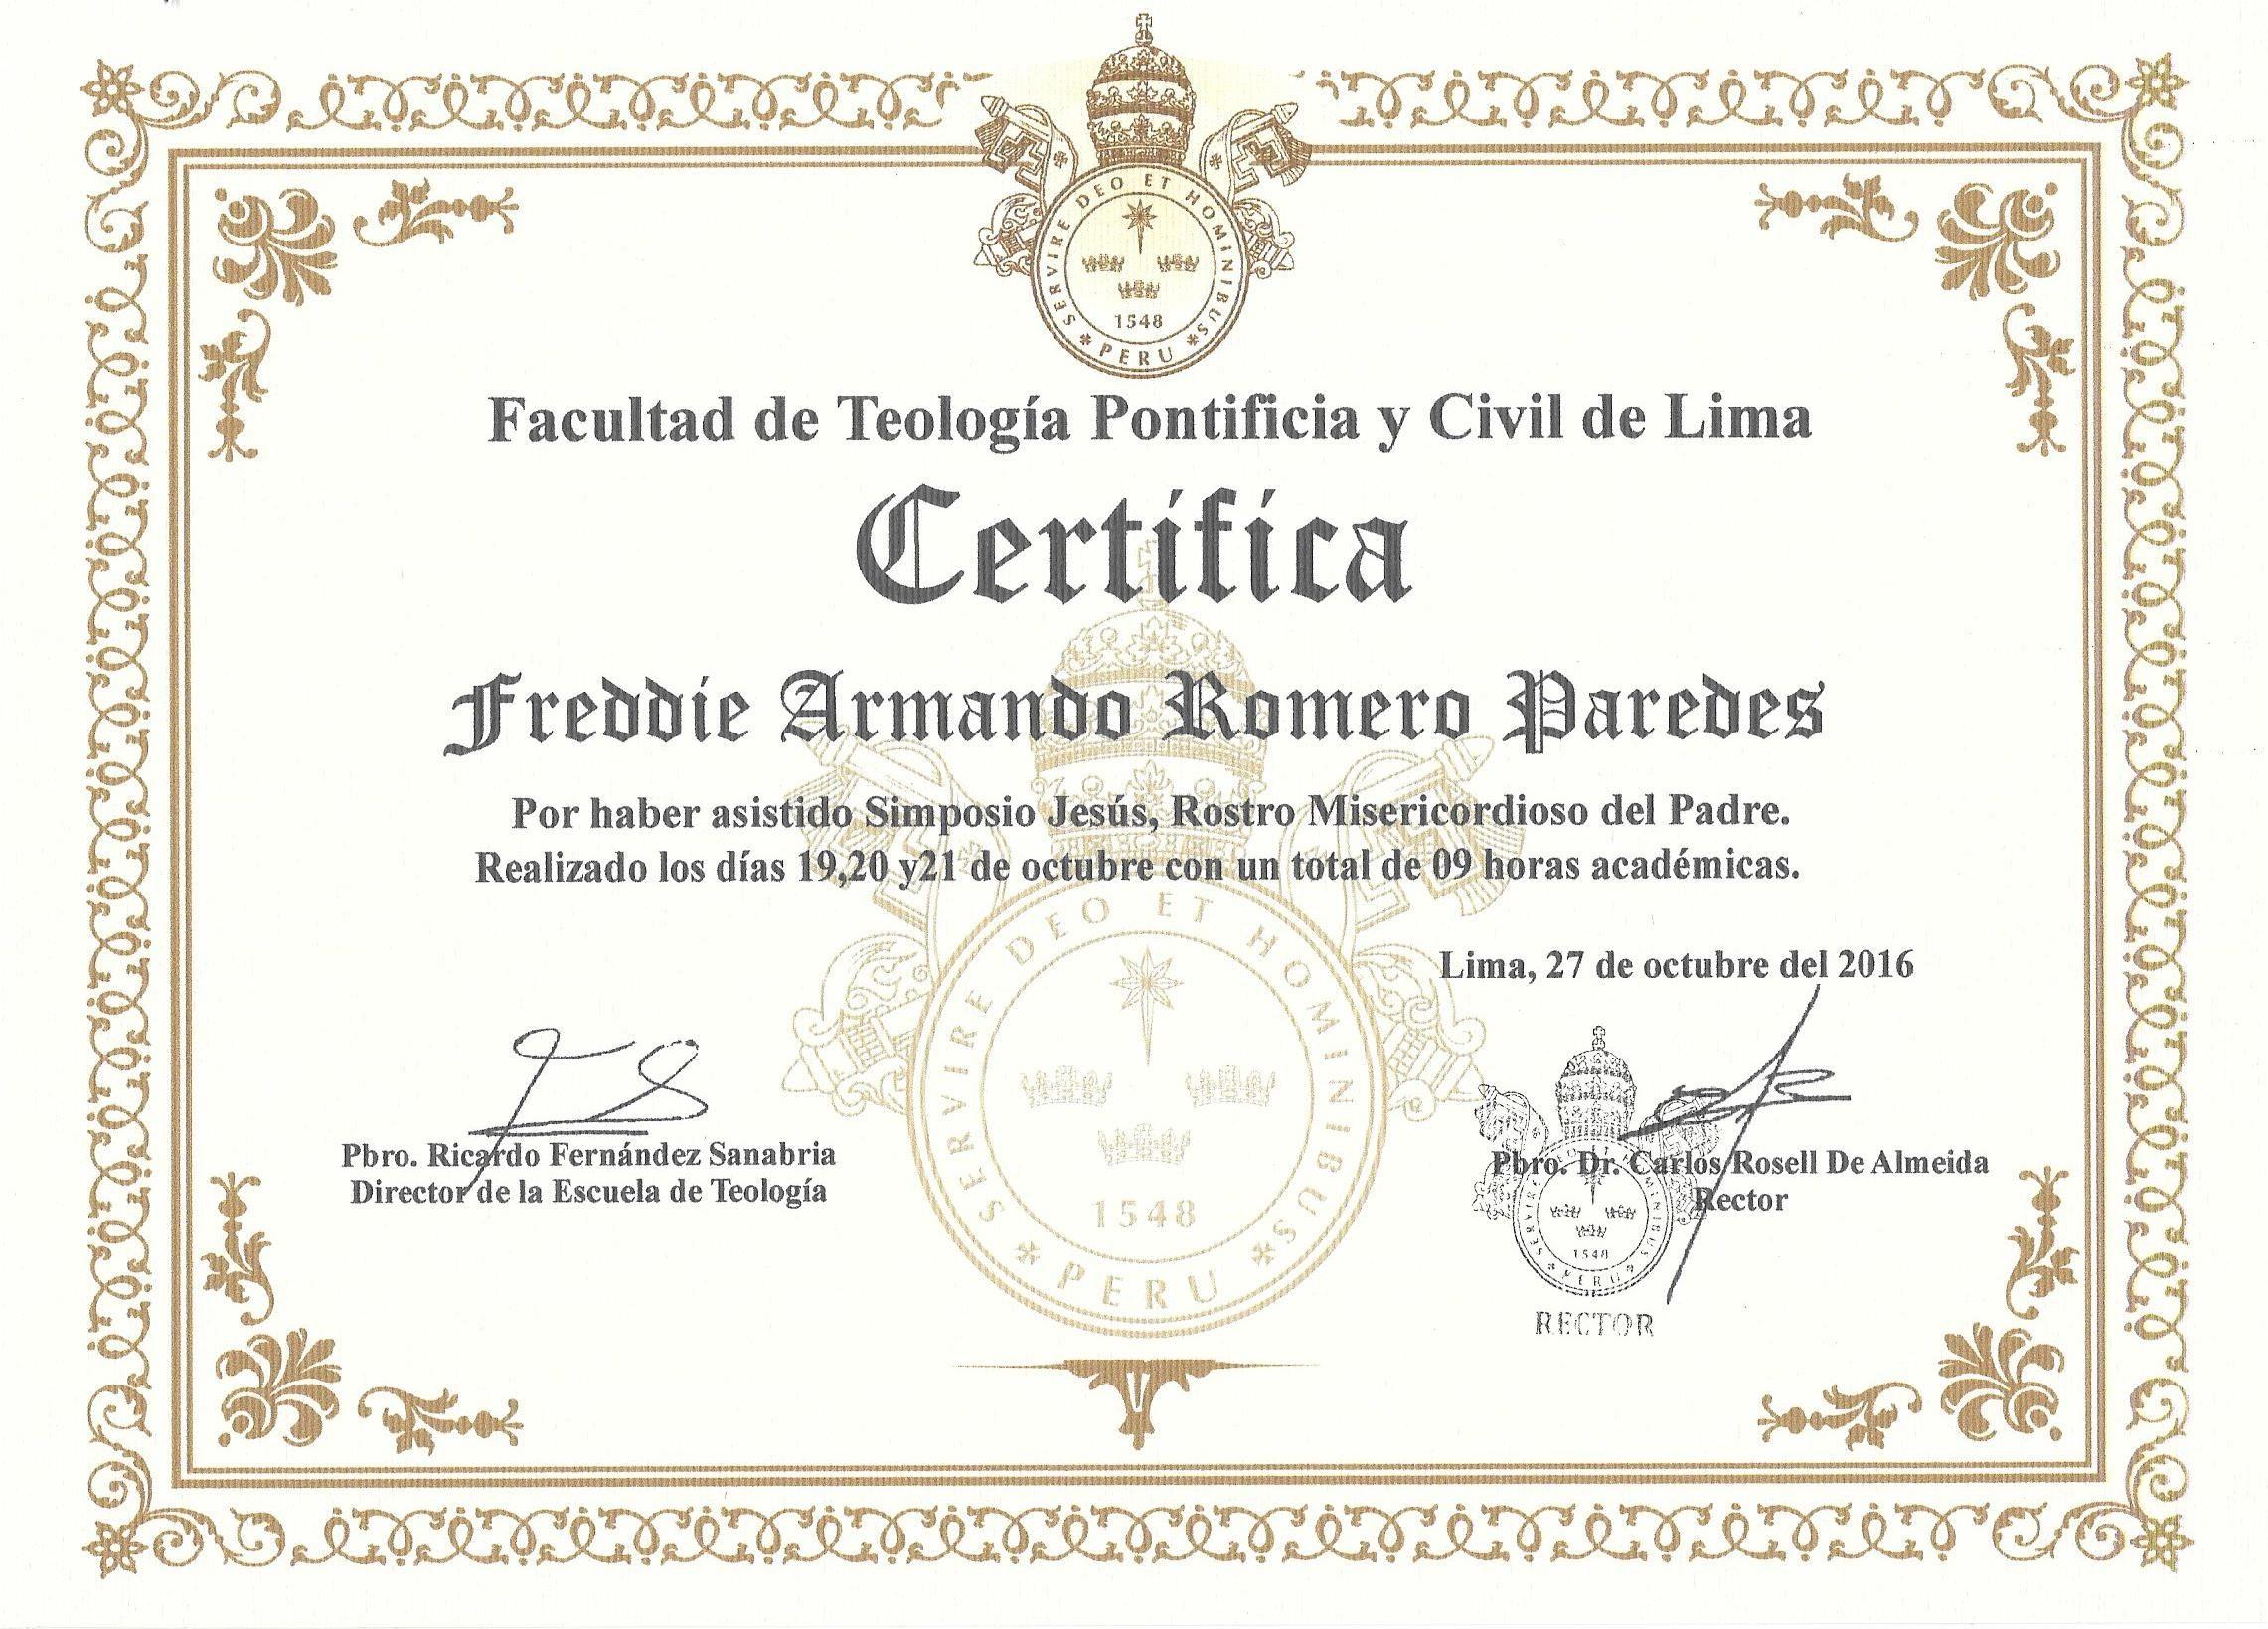 """Certificado Simposio """"Jesºs rostro misericordioso del Padre"""" de la Facultad de Teologa Pontificia y Civil de Lima"""